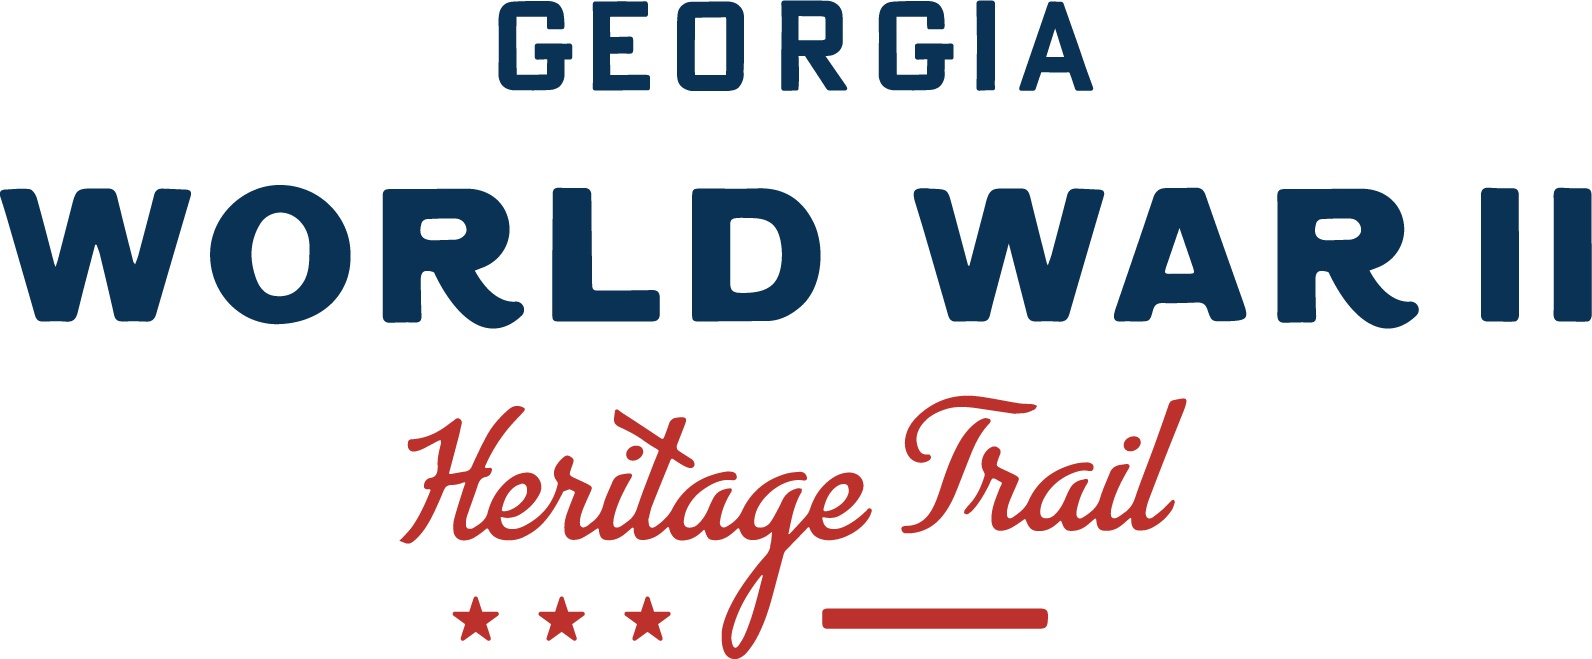 Georgia World War II Heritage Trail